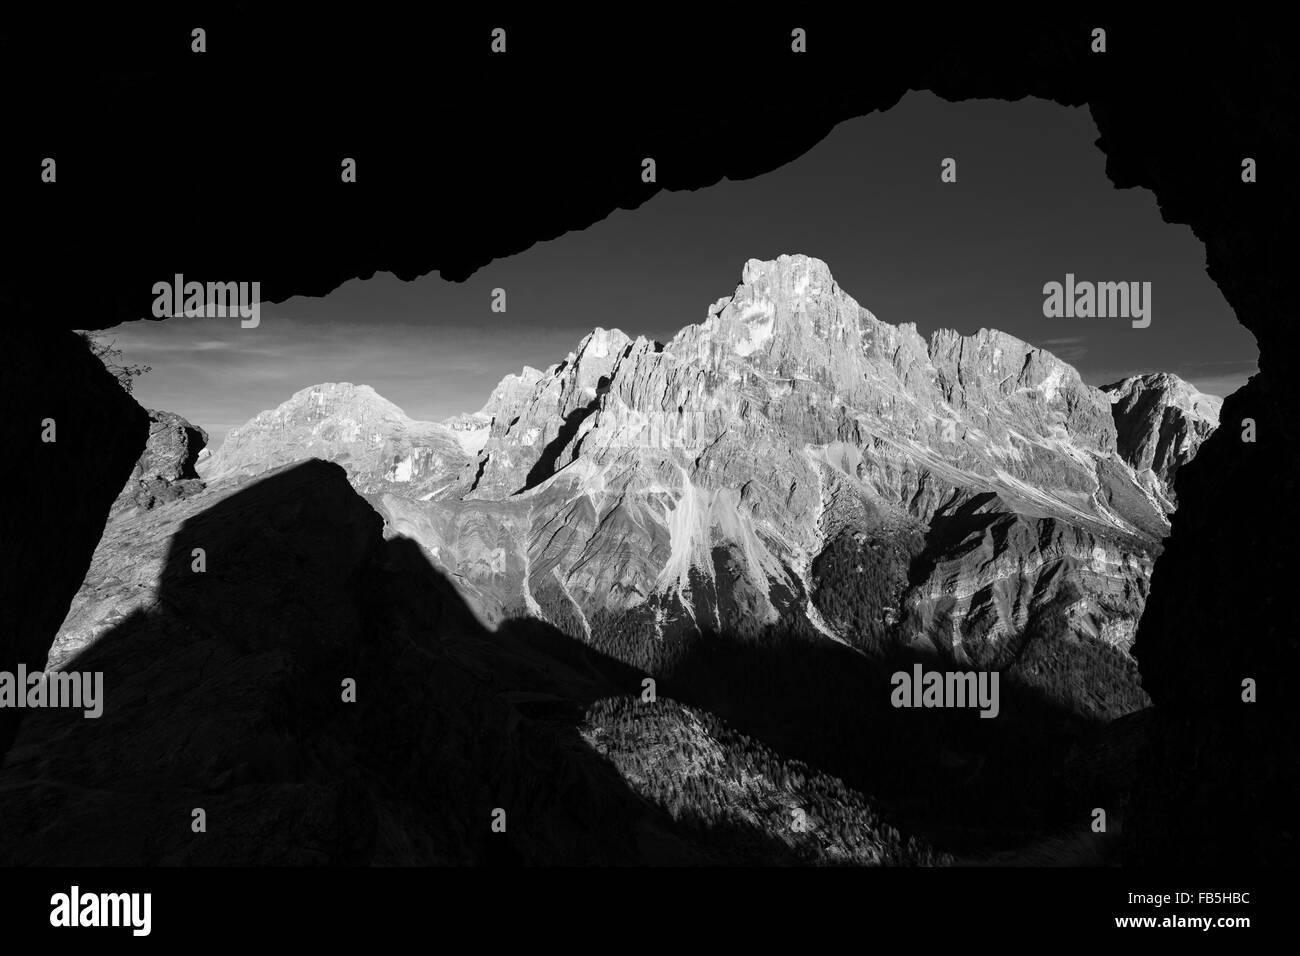 The Dolomites. The Pale di San Martino massif. Stock Photo